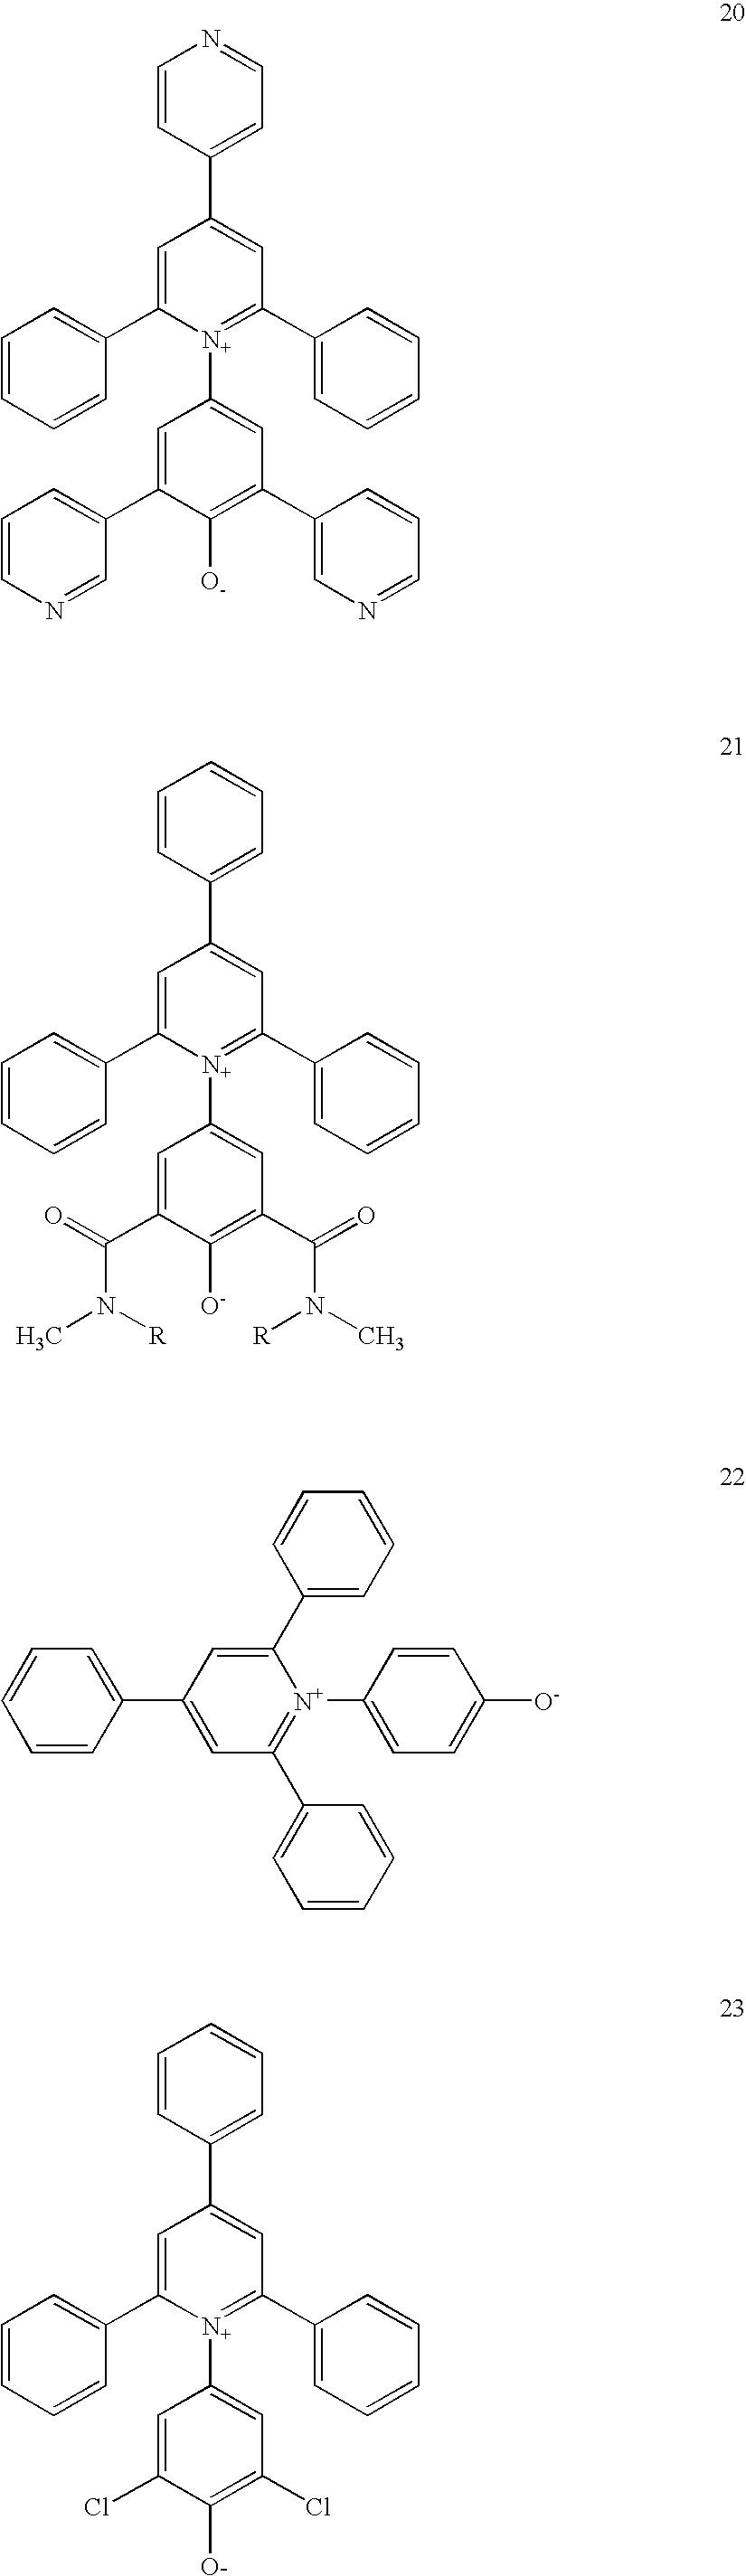 Figure US08871232-20141028-C00010